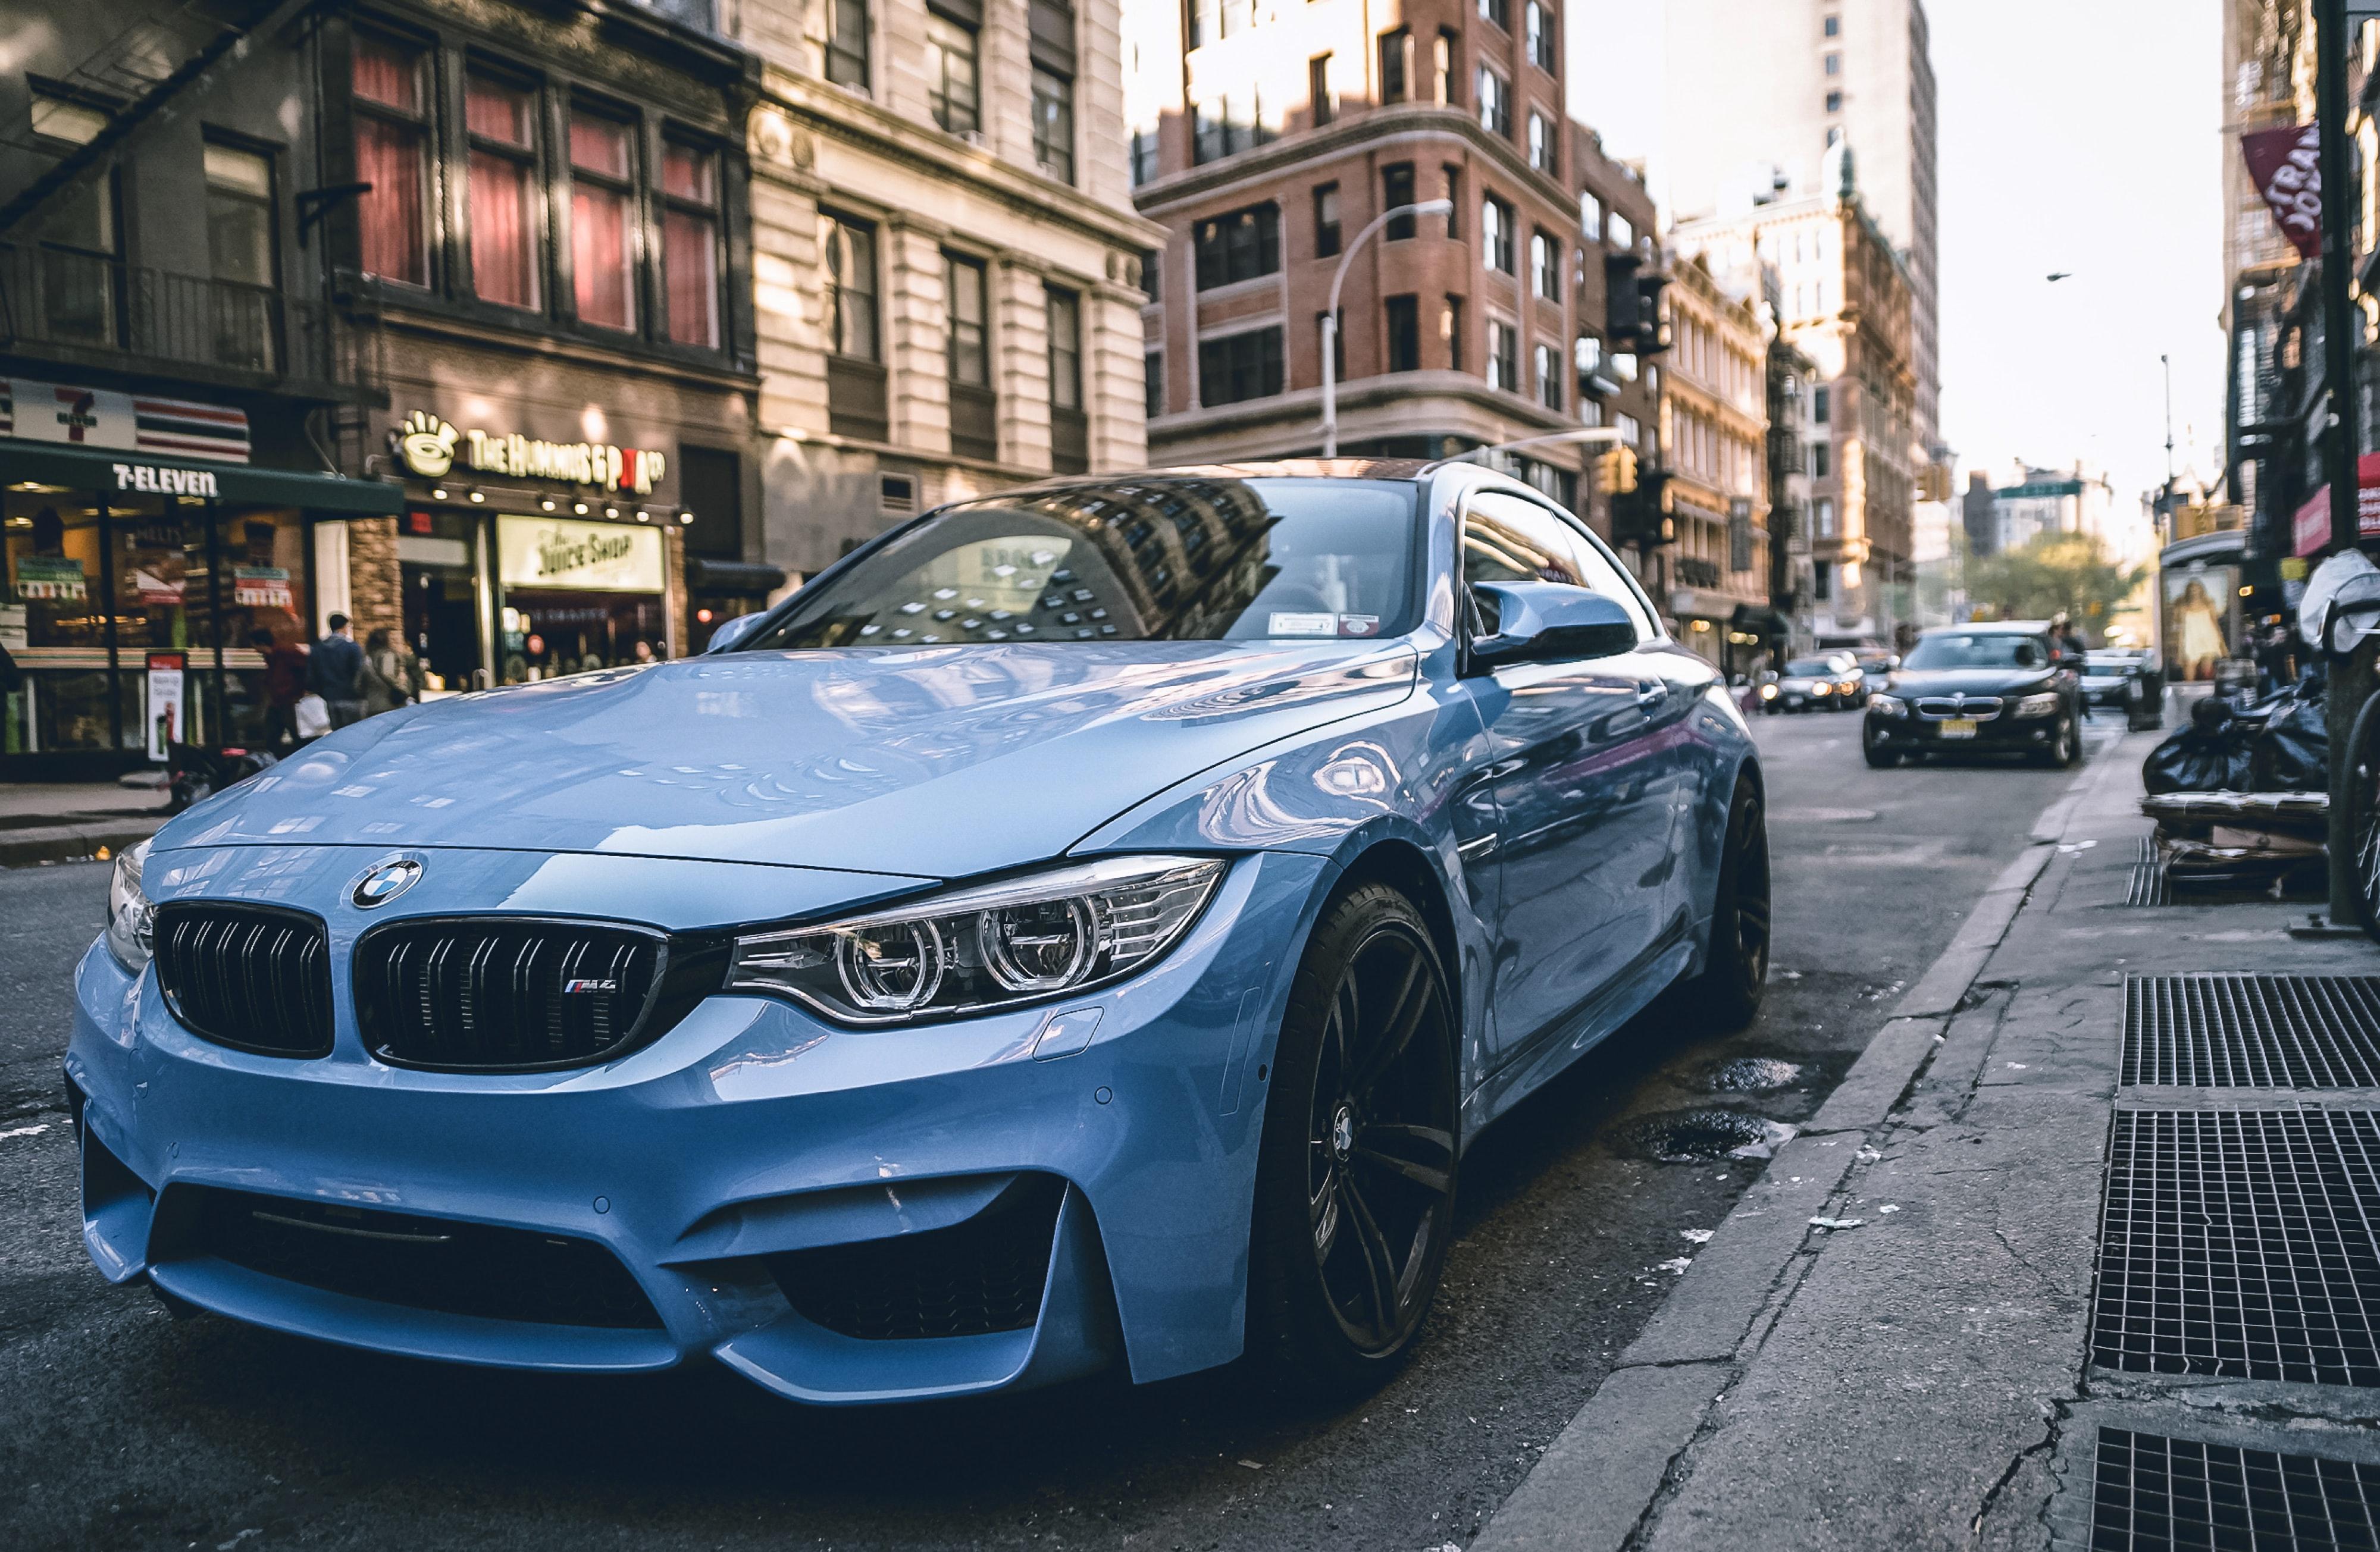 Bmw M4 Coupe Wallpaper 4k Blue - 4000x2609 Wallpaper ...